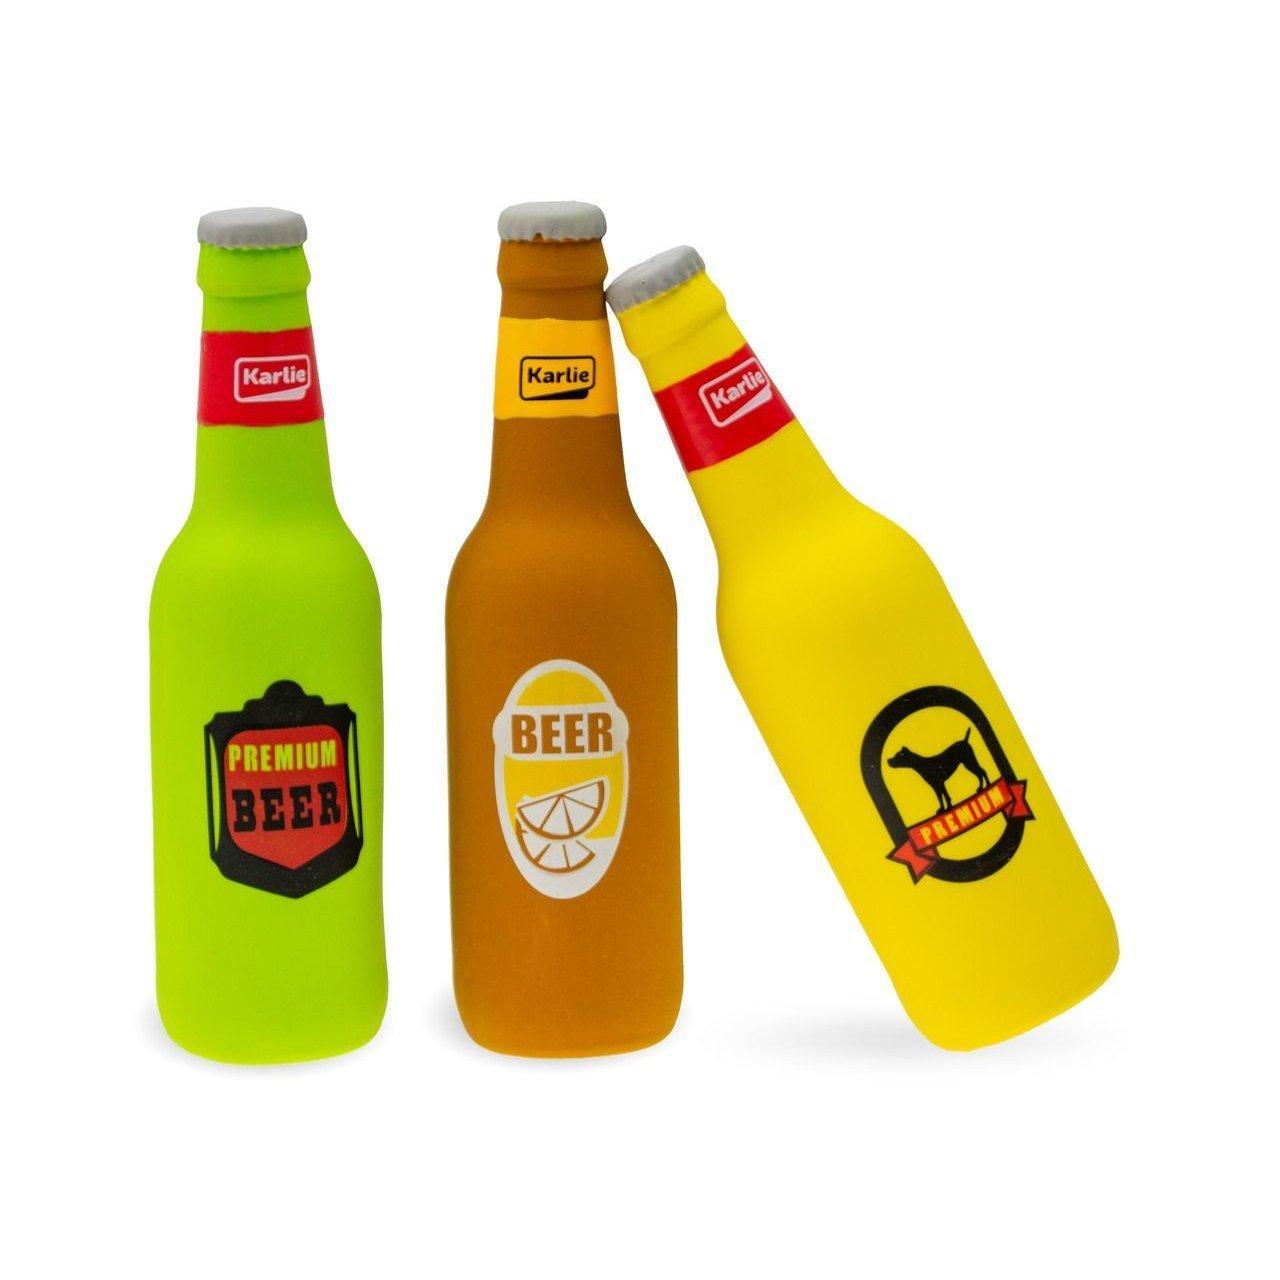 Karlie Bierflasche mit Squeaker, Höhe: 20 cm, Länge/Breite: 5 cm